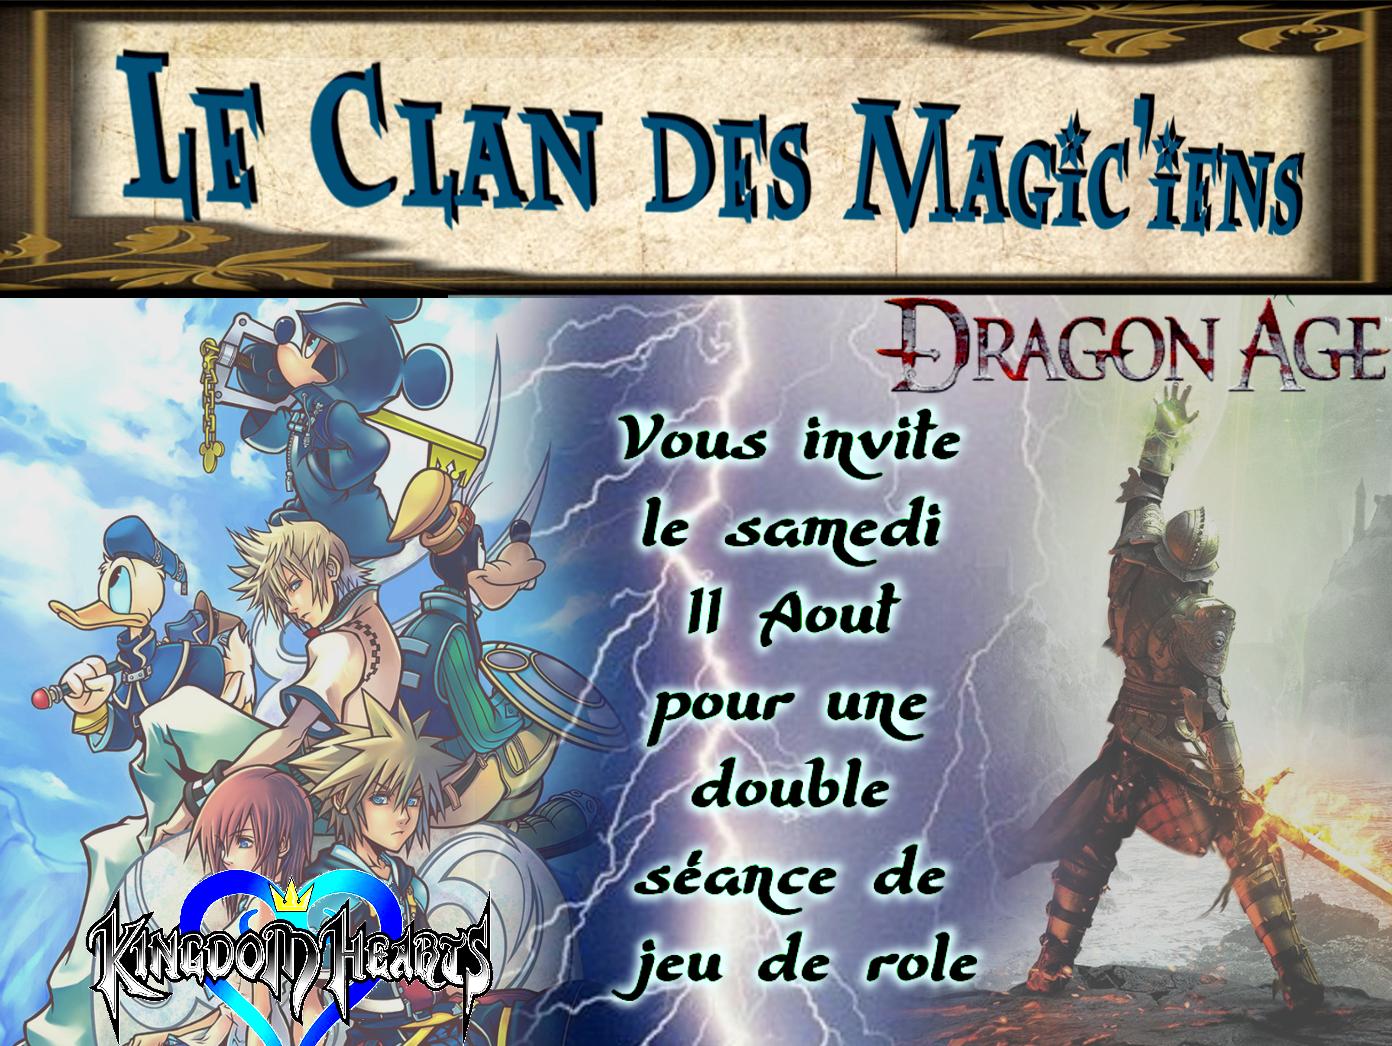 Samedi 11 Aout : Double séance de Jeu de Rôle : KIngdom Hearts et Dragon Age O50b9